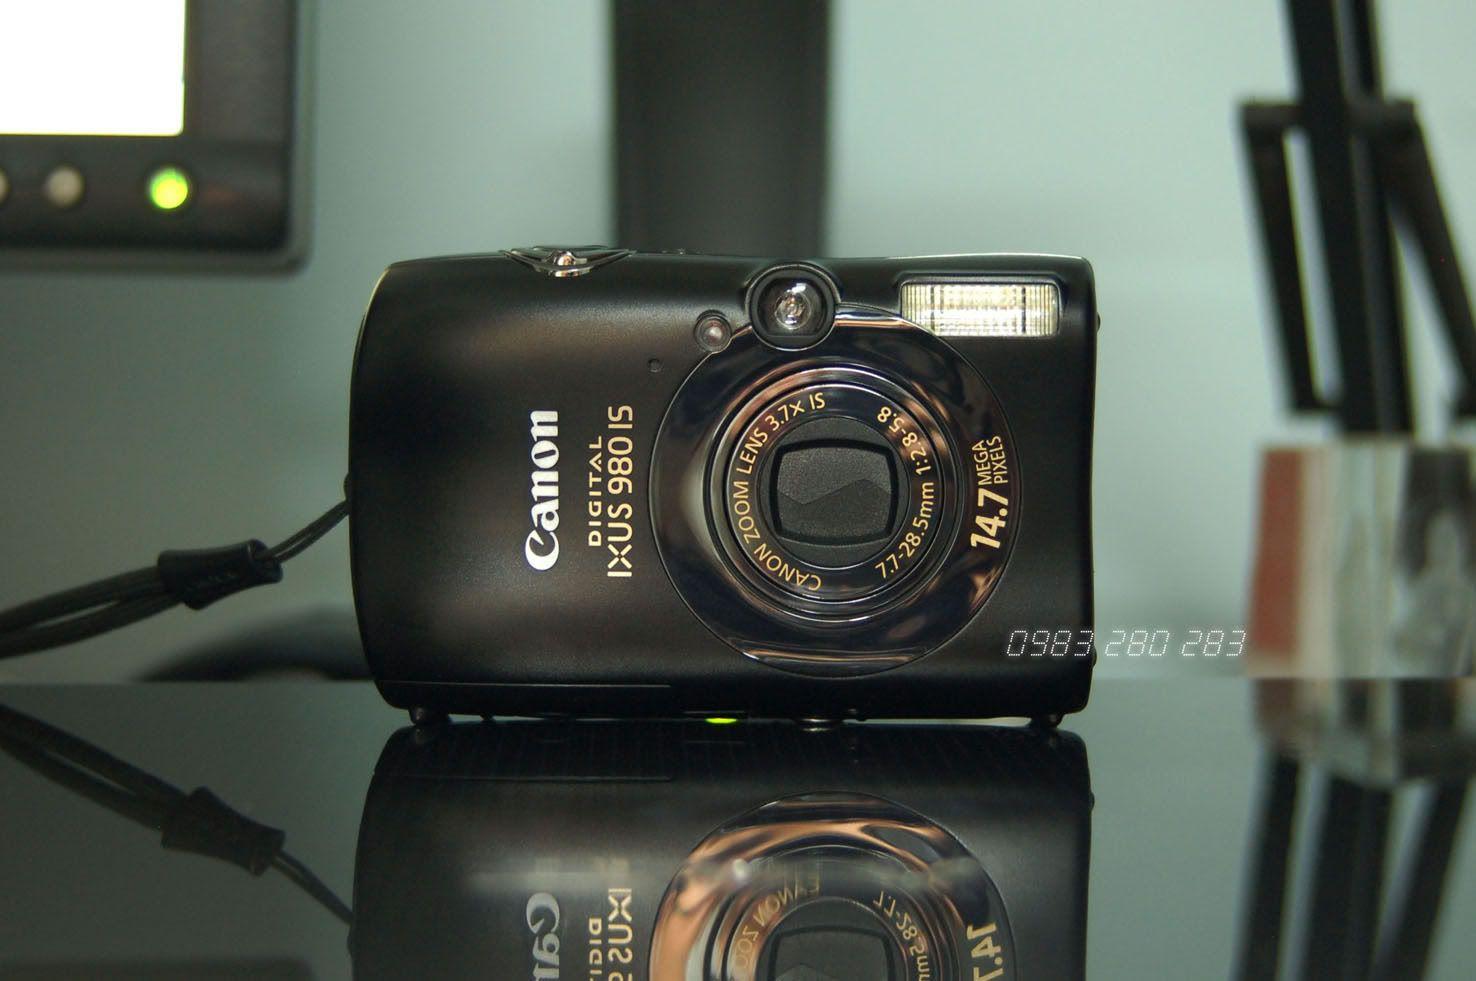 Canon IXUS980is / IXY3000is